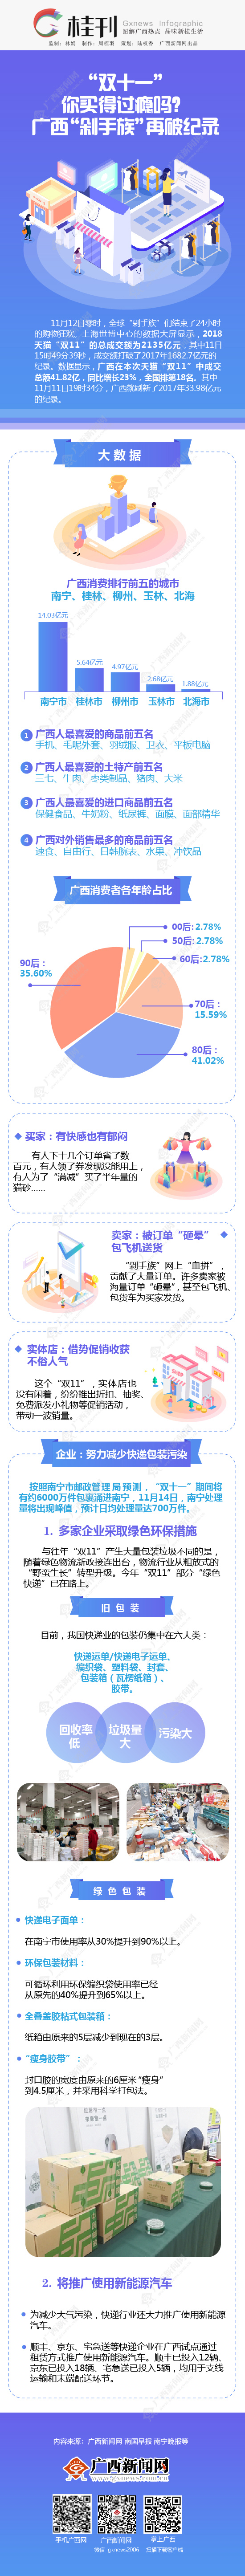 """【桂刊】""""双十一""""你买得过瘾吗?极速大发时时彩""""剁手族""""再破纪录"""